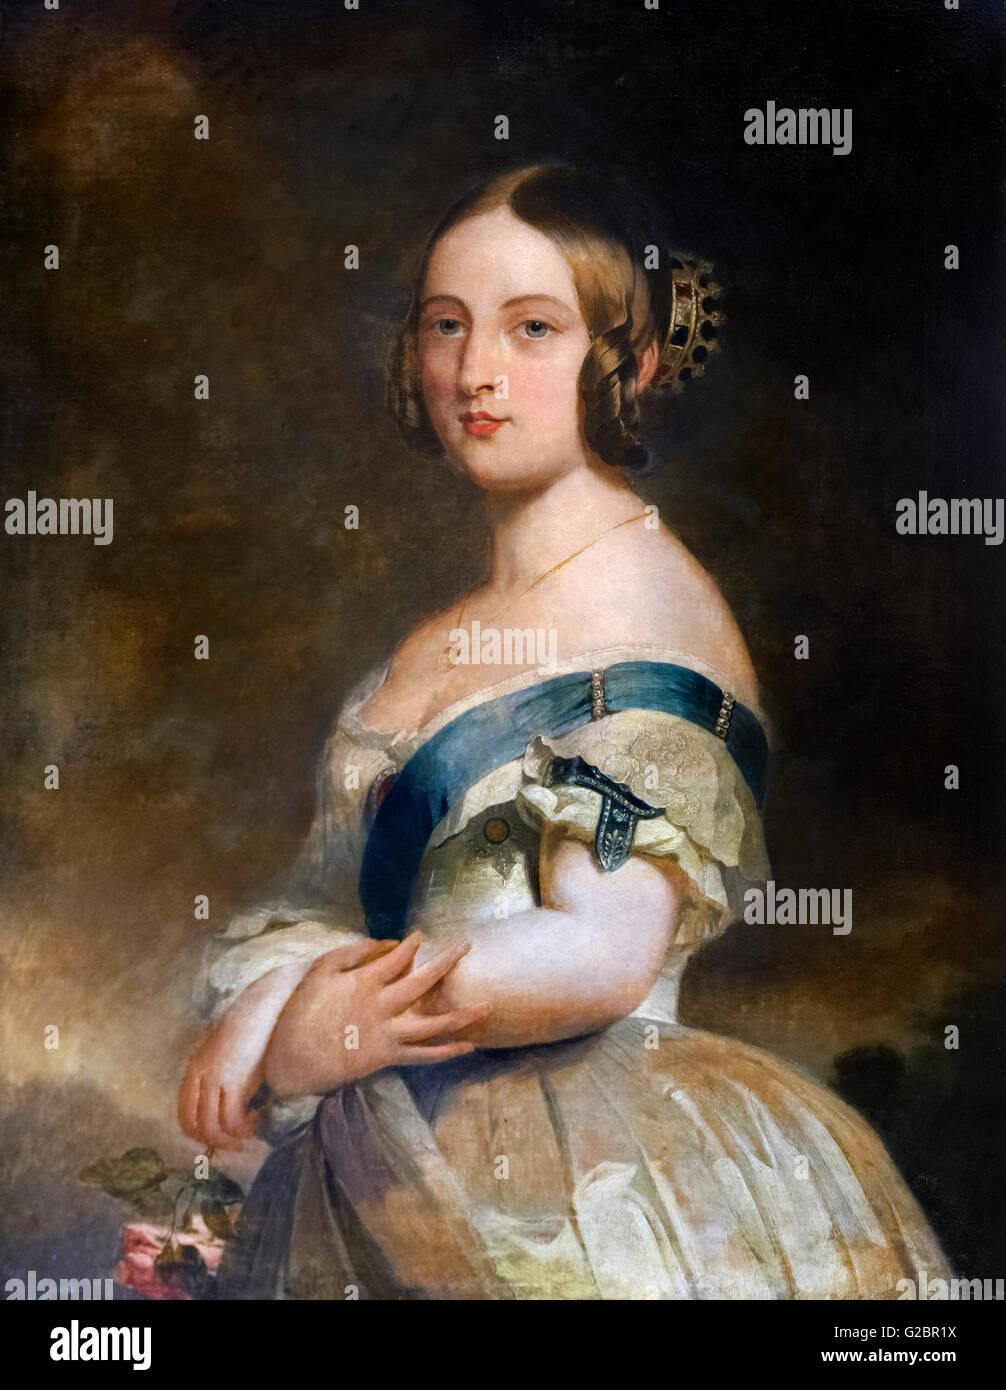 La reina Victoria de Inglaterra como una mujer joven. Retrato de Franz Xaver Winterhalter, óleo sobre lienzo, Imagen De Stock